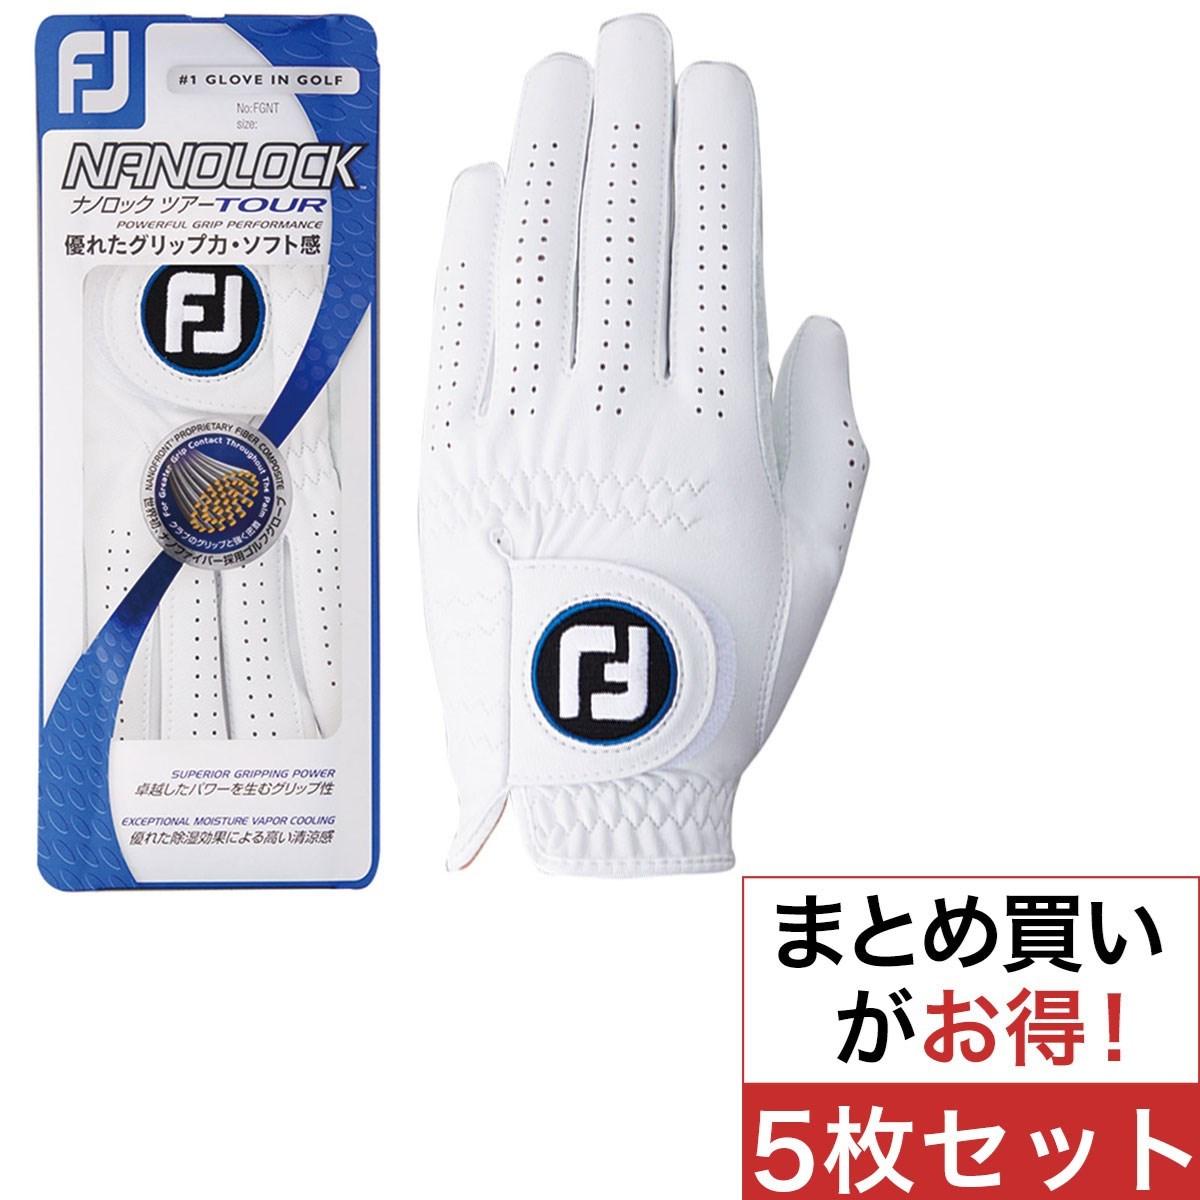 フットジョイ(FootJoy) ナノロックツアーグローブ 5枚セット